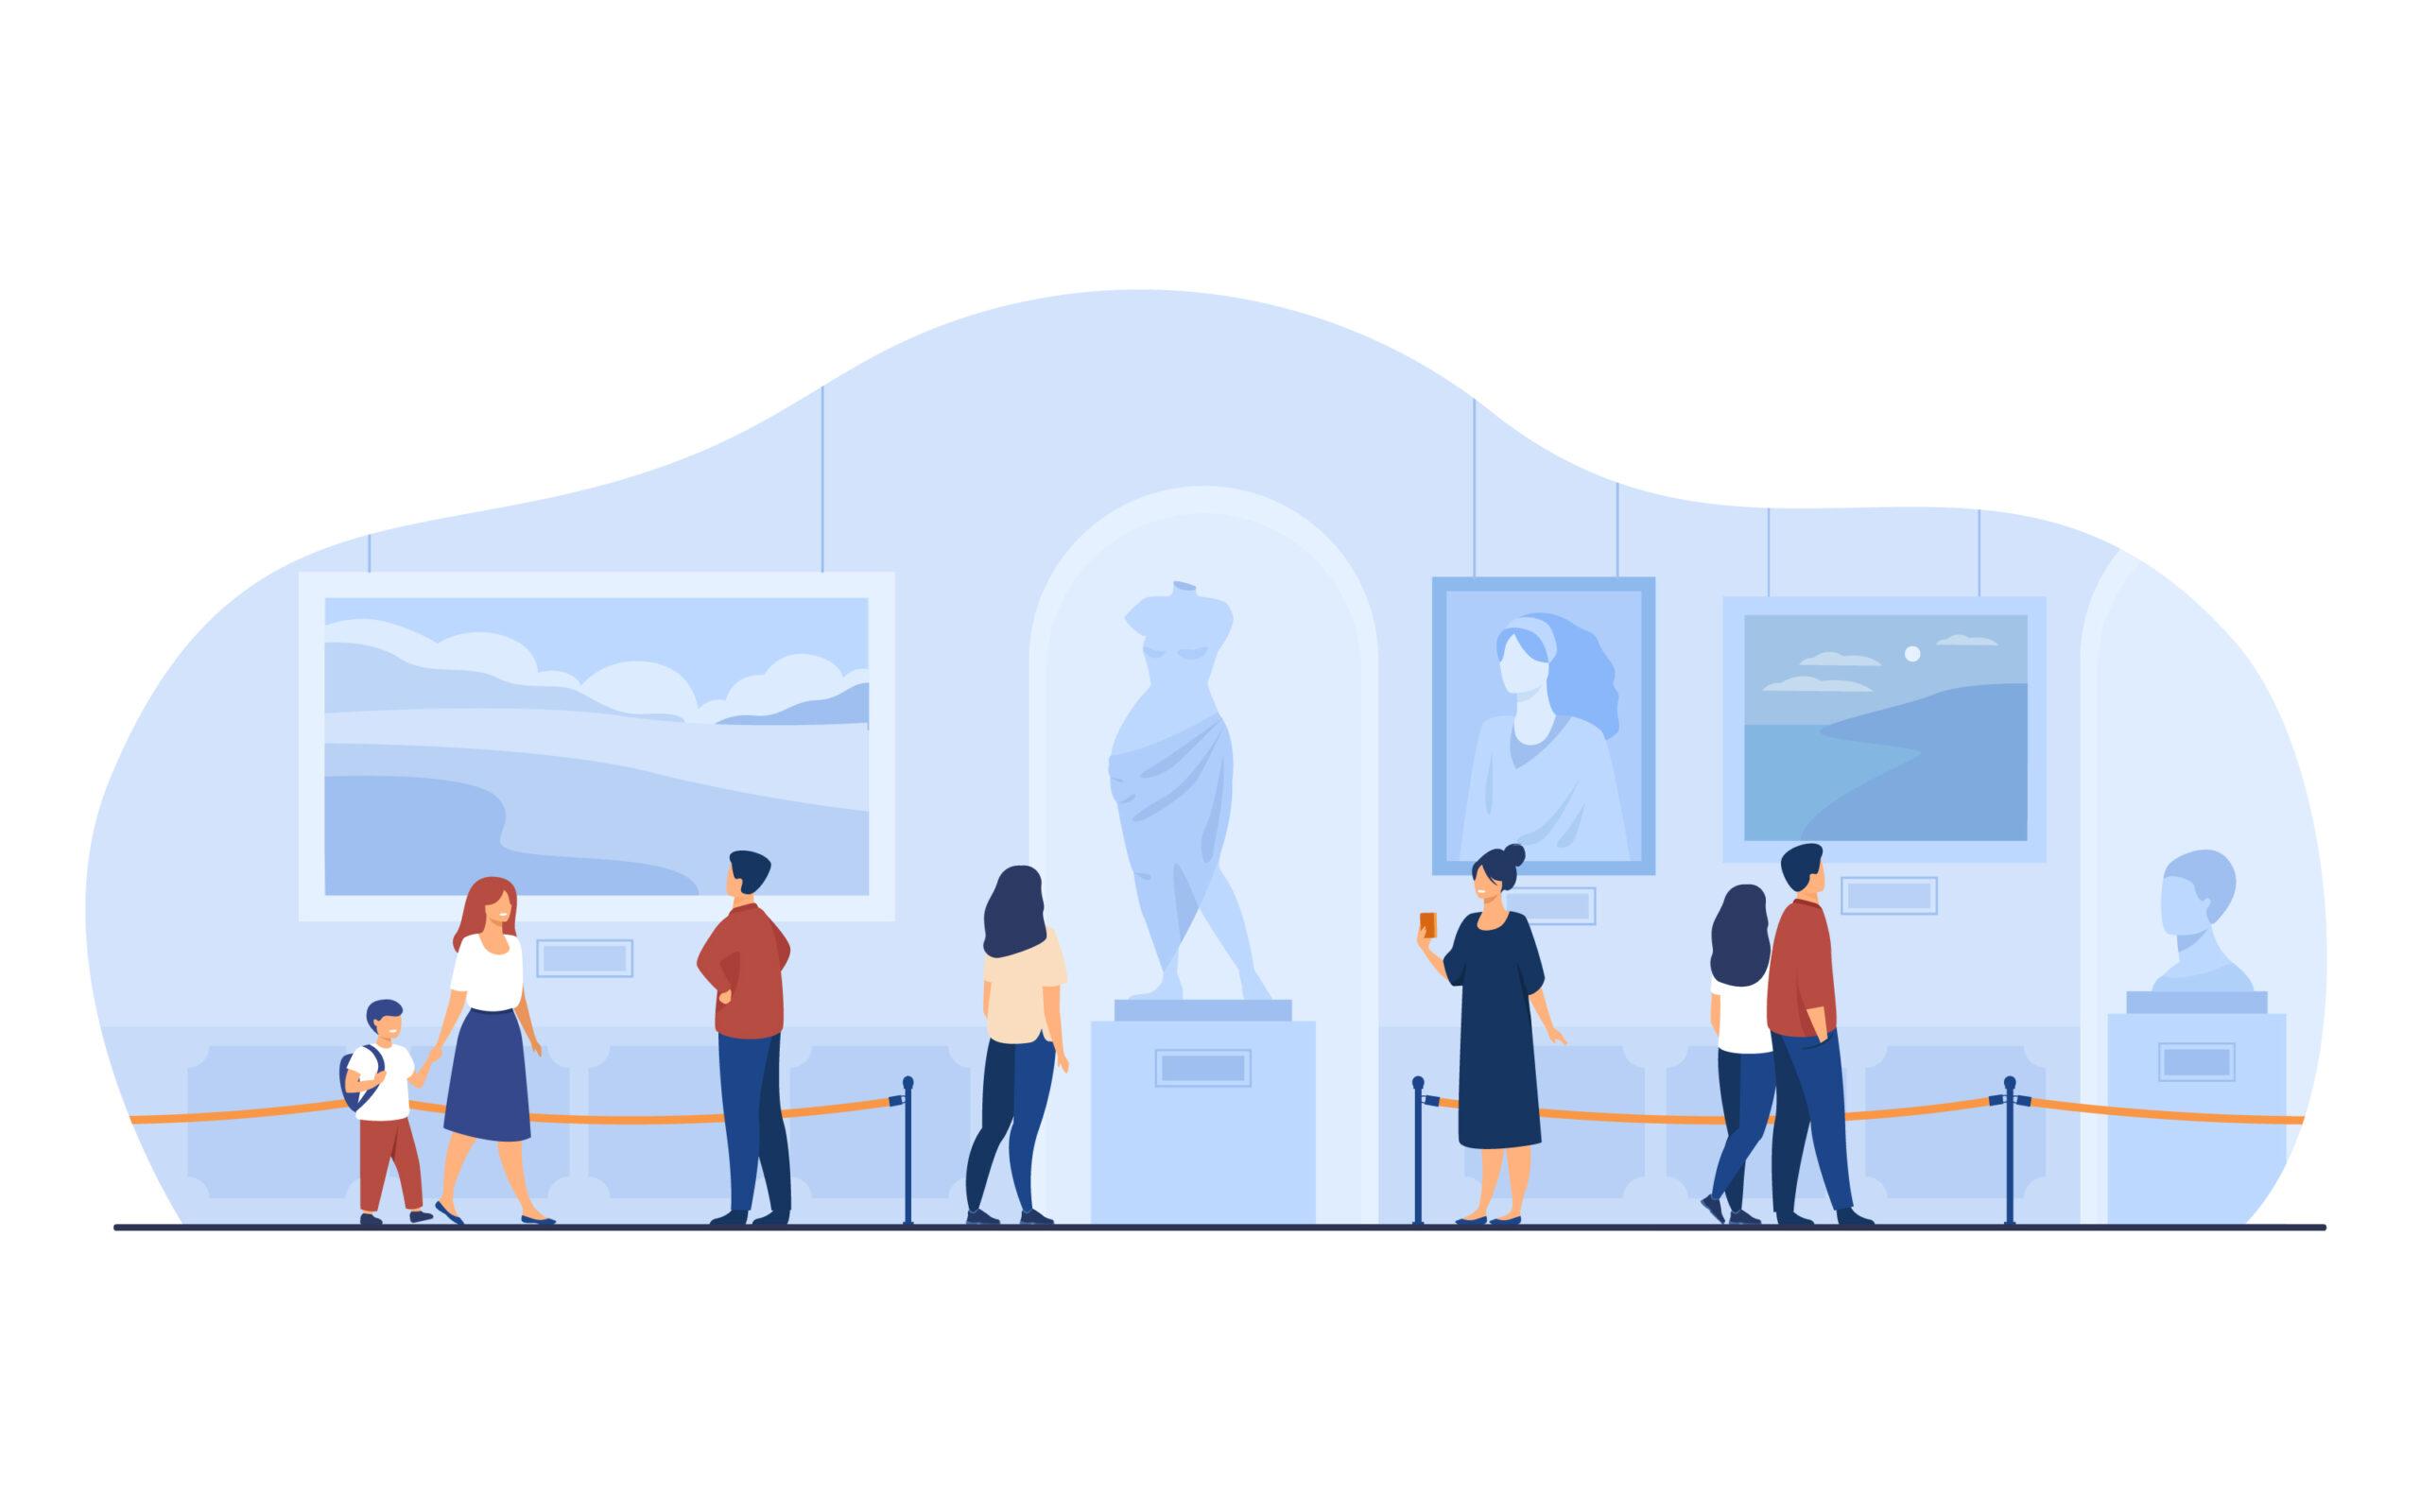 Museum visitors walking in art gallery